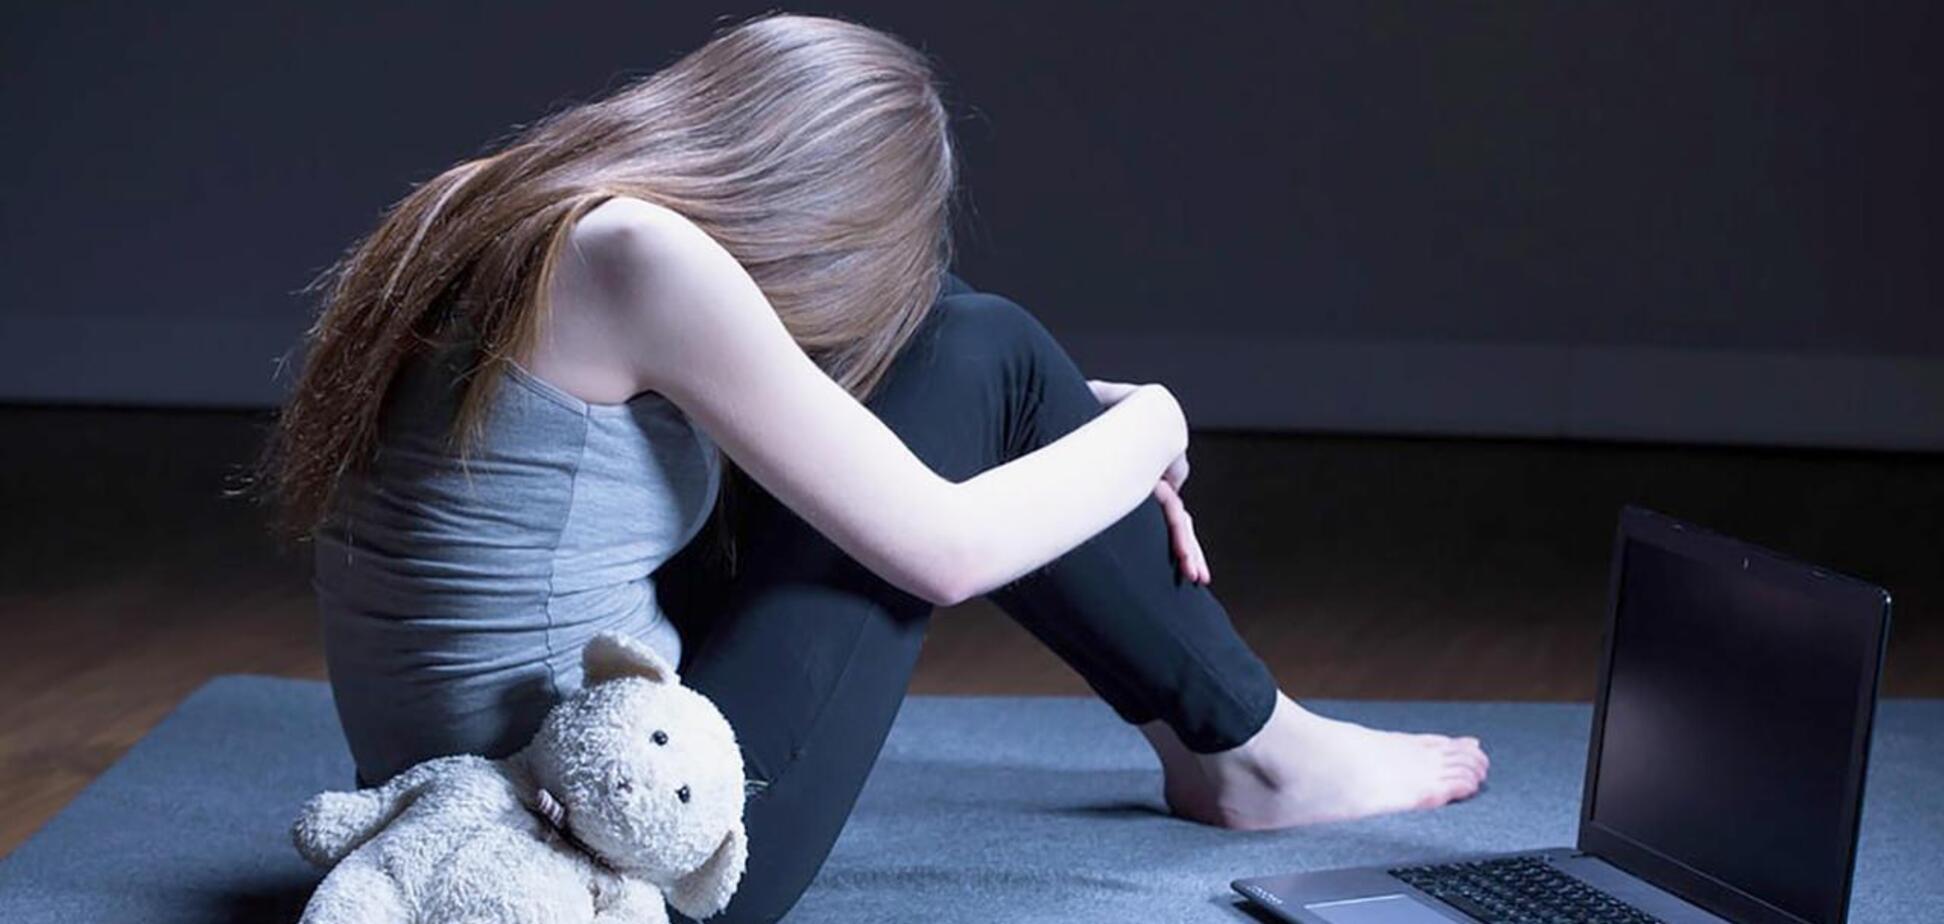 Родителям подростков рассказали о признаках склонности к суициду